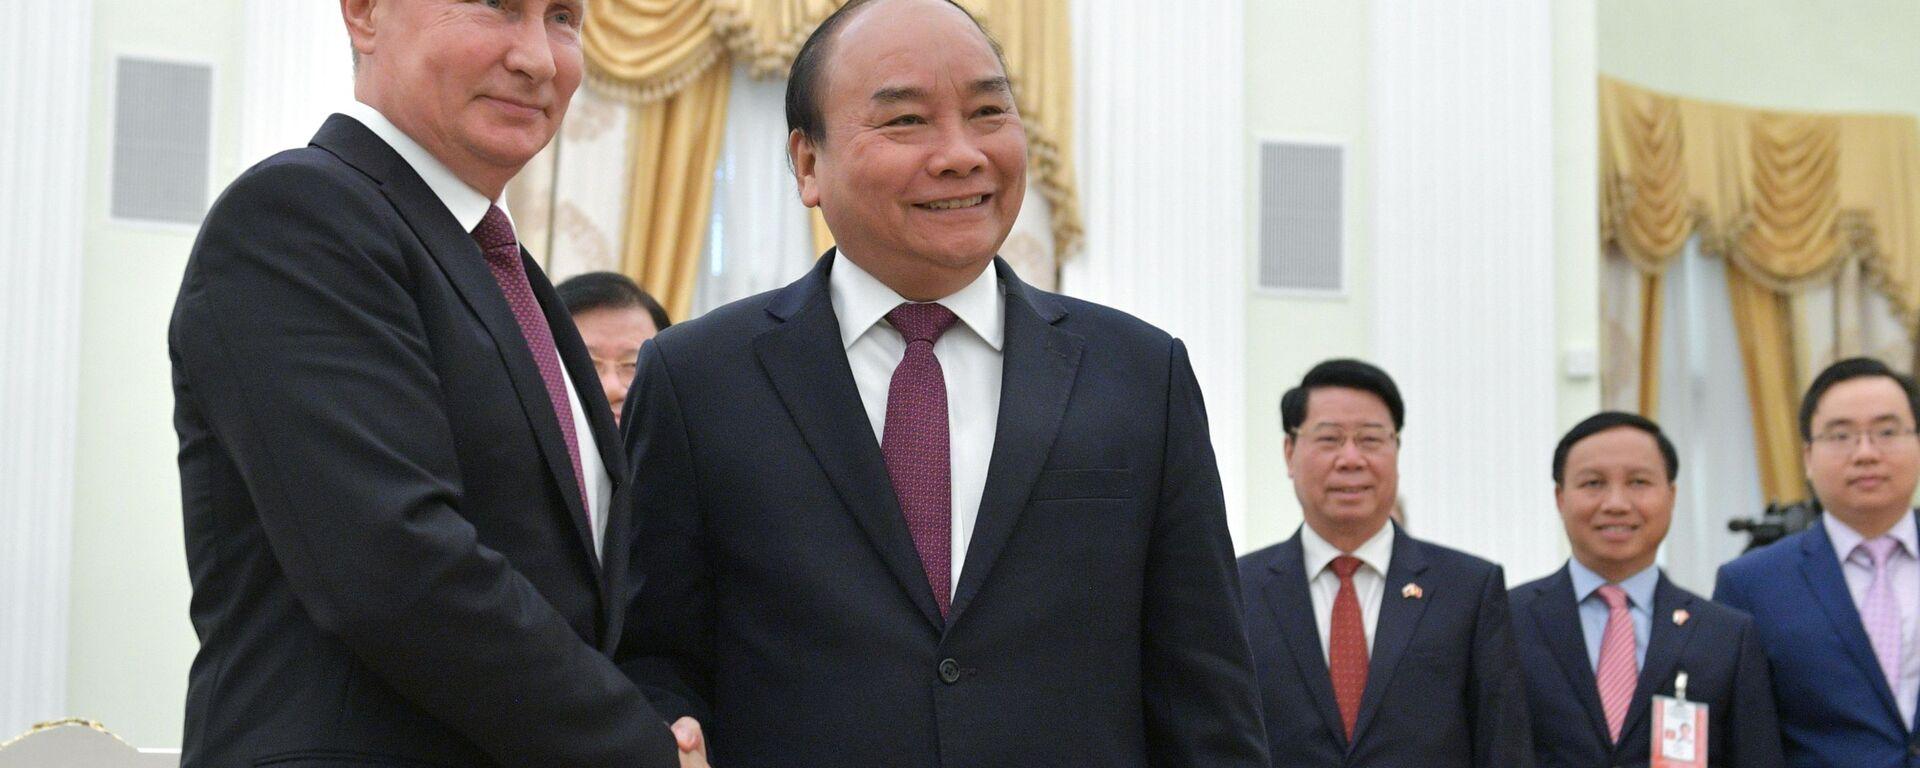 Tổng thống Nga Vladimir Putin tiếp đón Chủ tịch nước Nguyễn Xuân Phúc - Sputnik Việt Nam, 1920, 16.09.2021